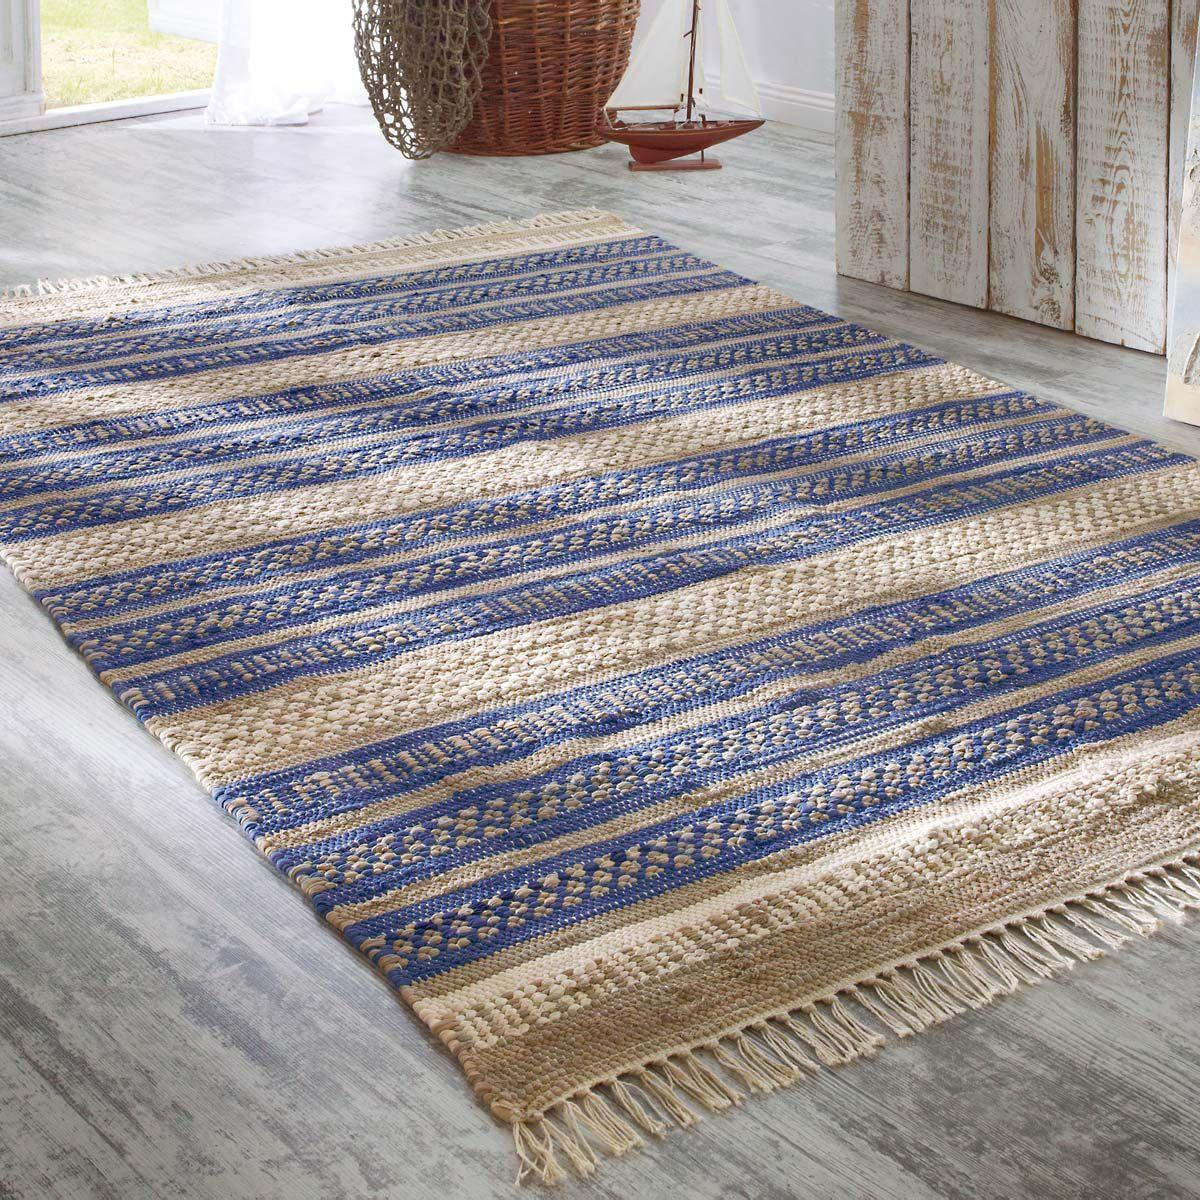 Teppich Blue Stripes von Strauss Innovation ansehen!